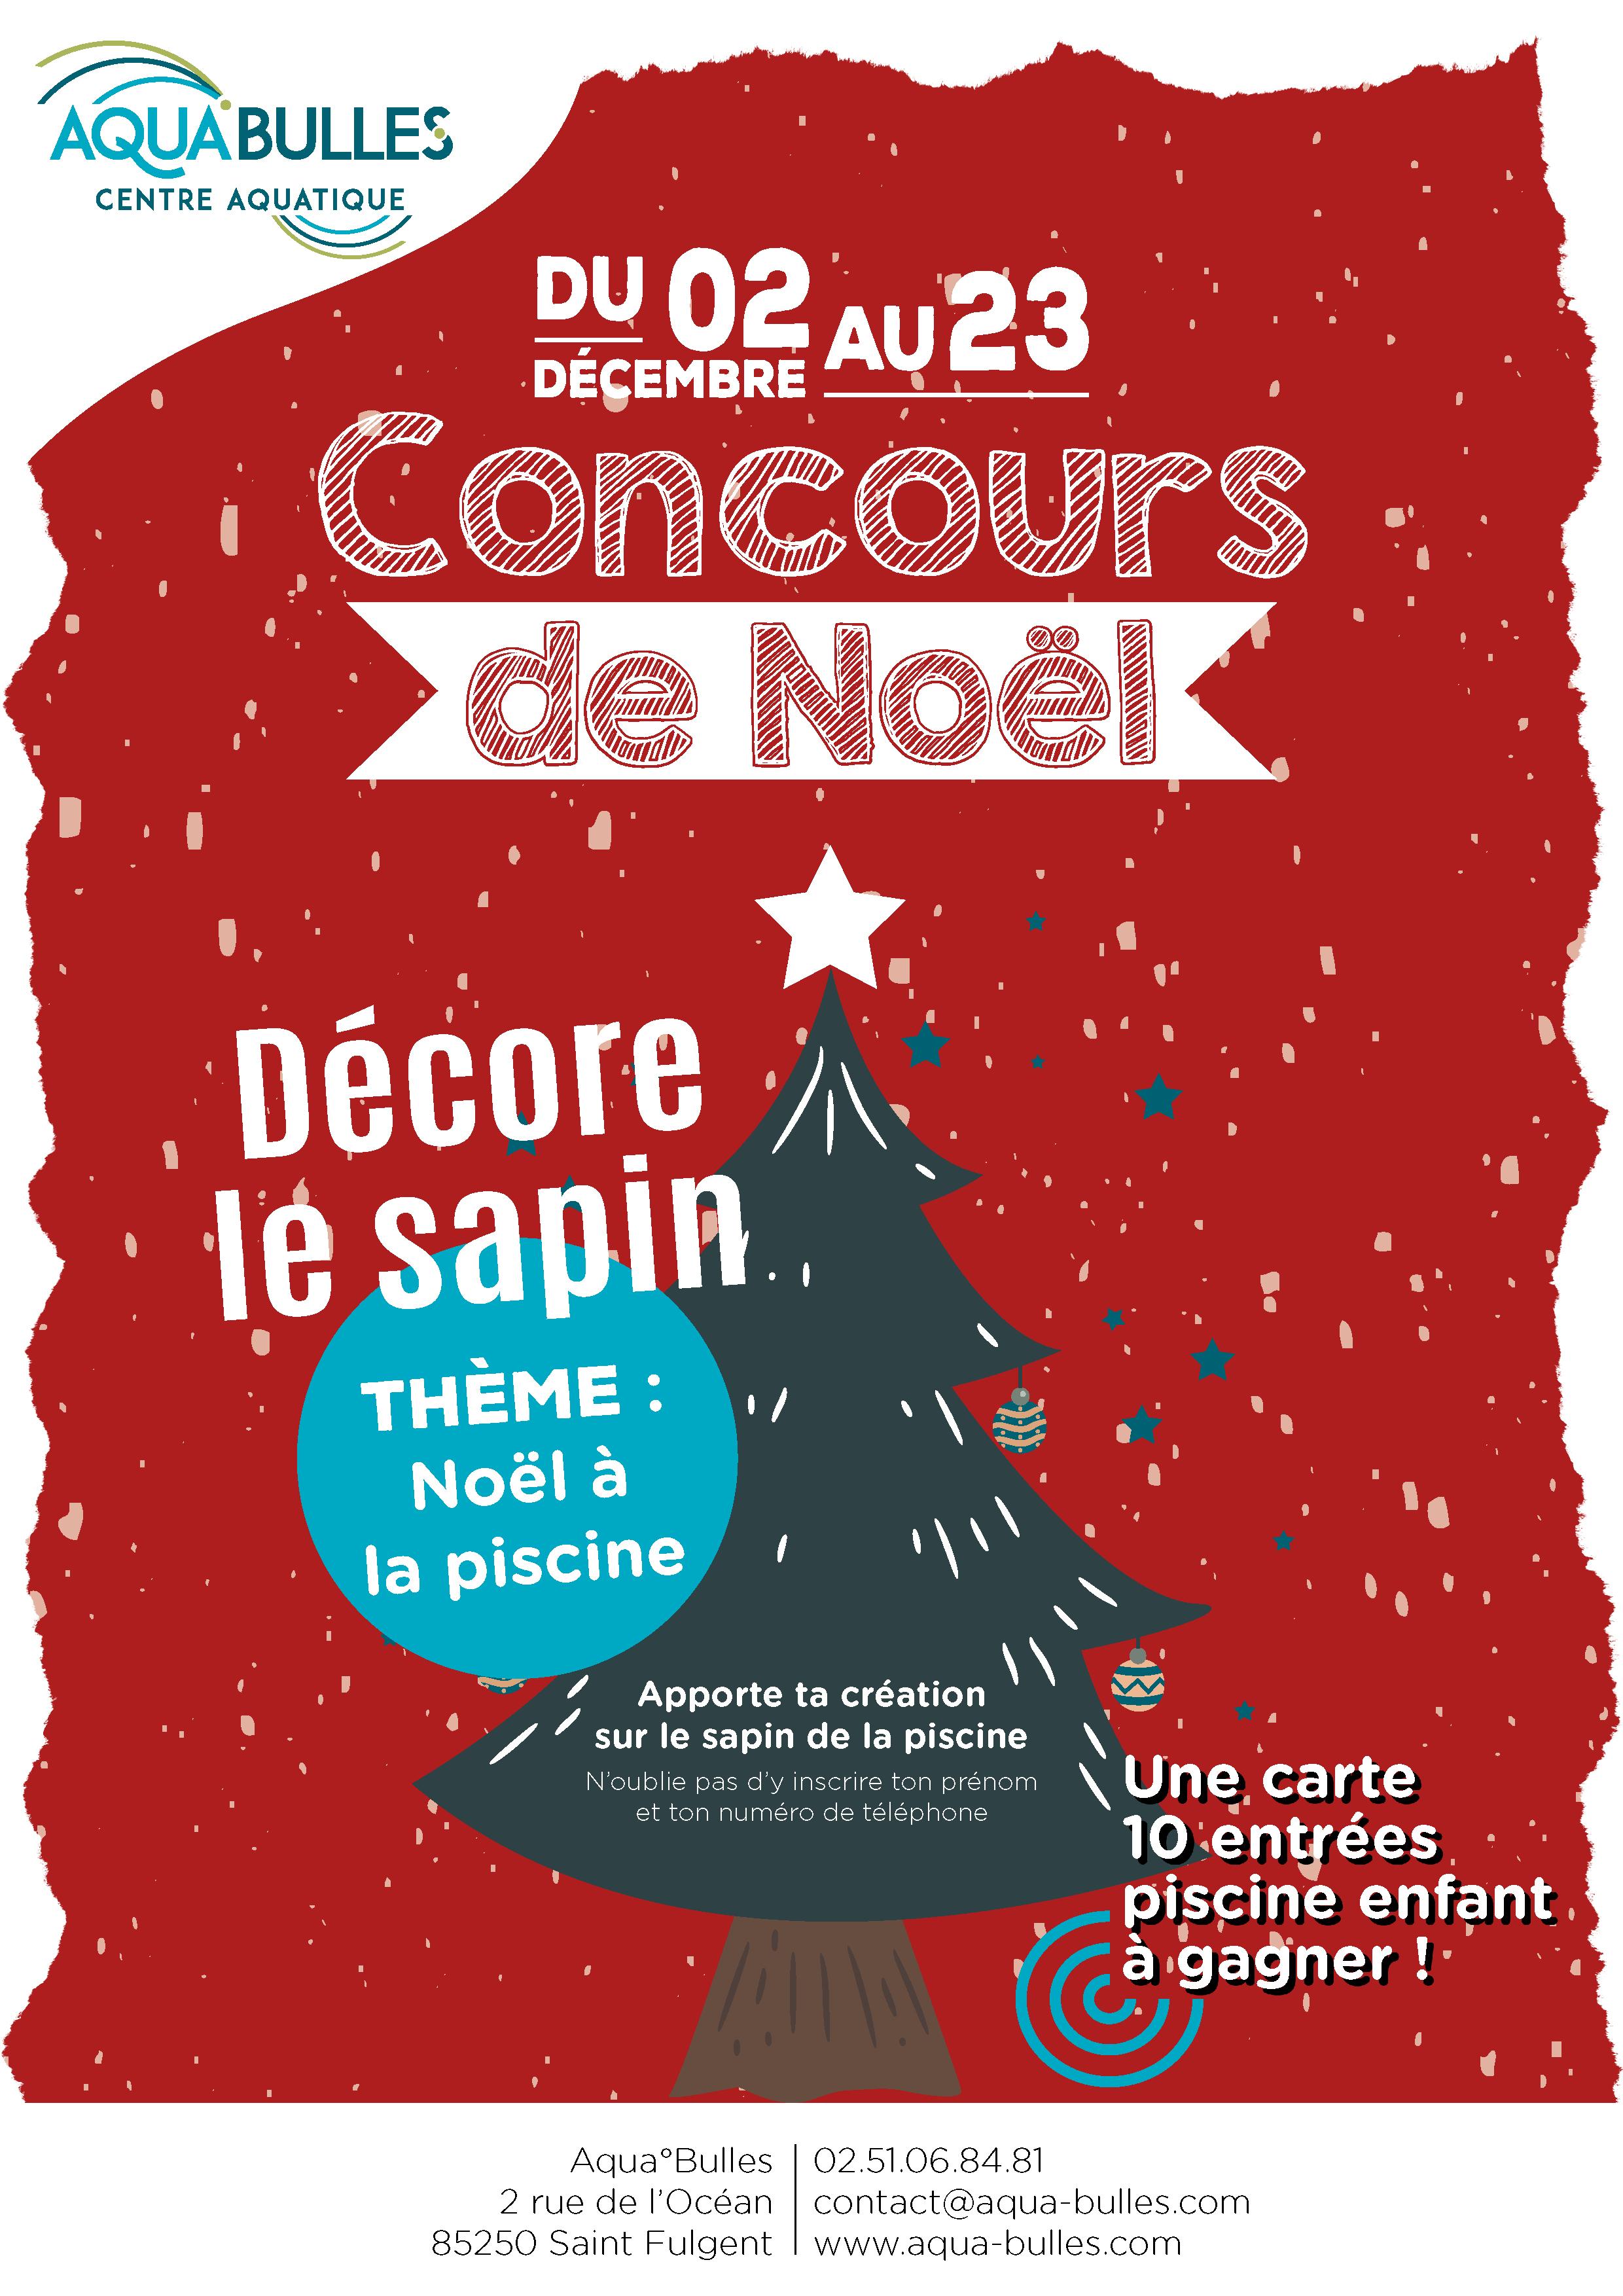 Concours - Décoration de noël - Piscine Aquabulles